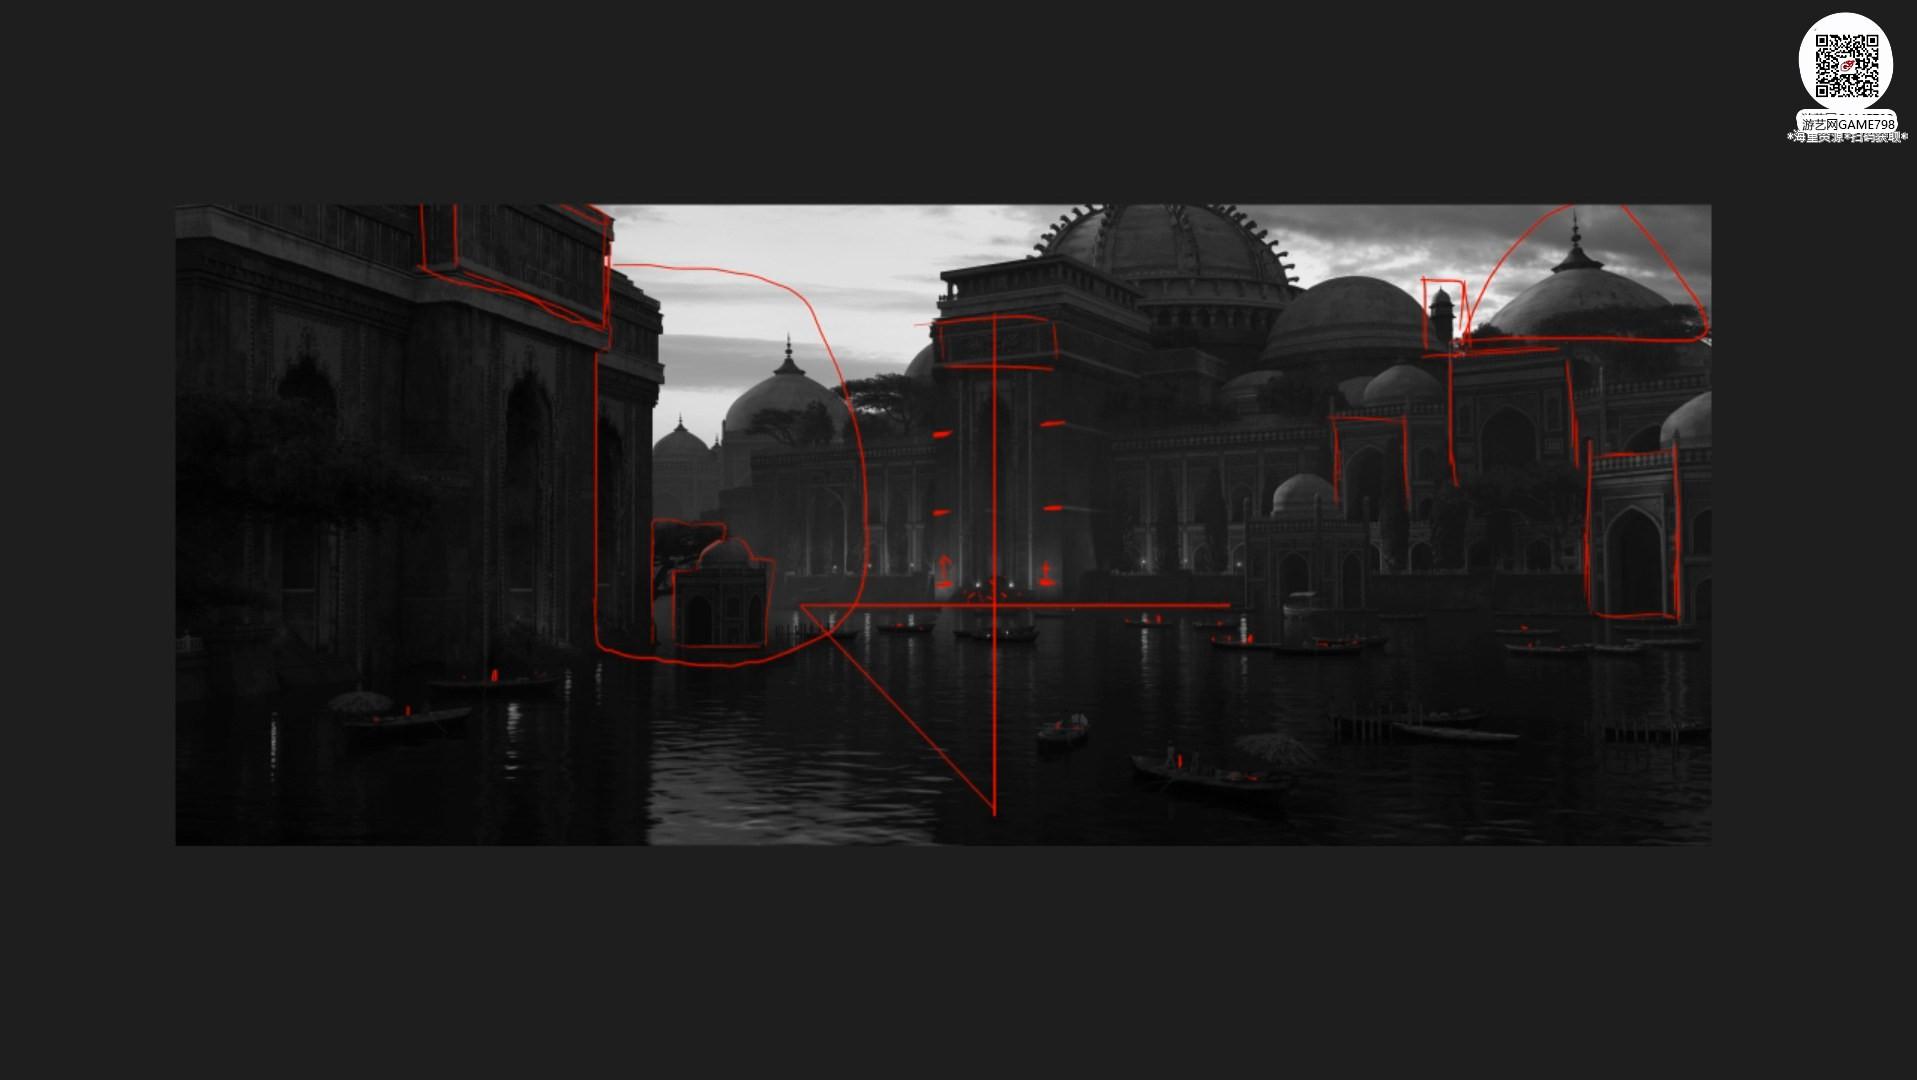 025_关注-游艺网GAME798海量资源下载【视频教程】超写实场景设定制作流程.jpg